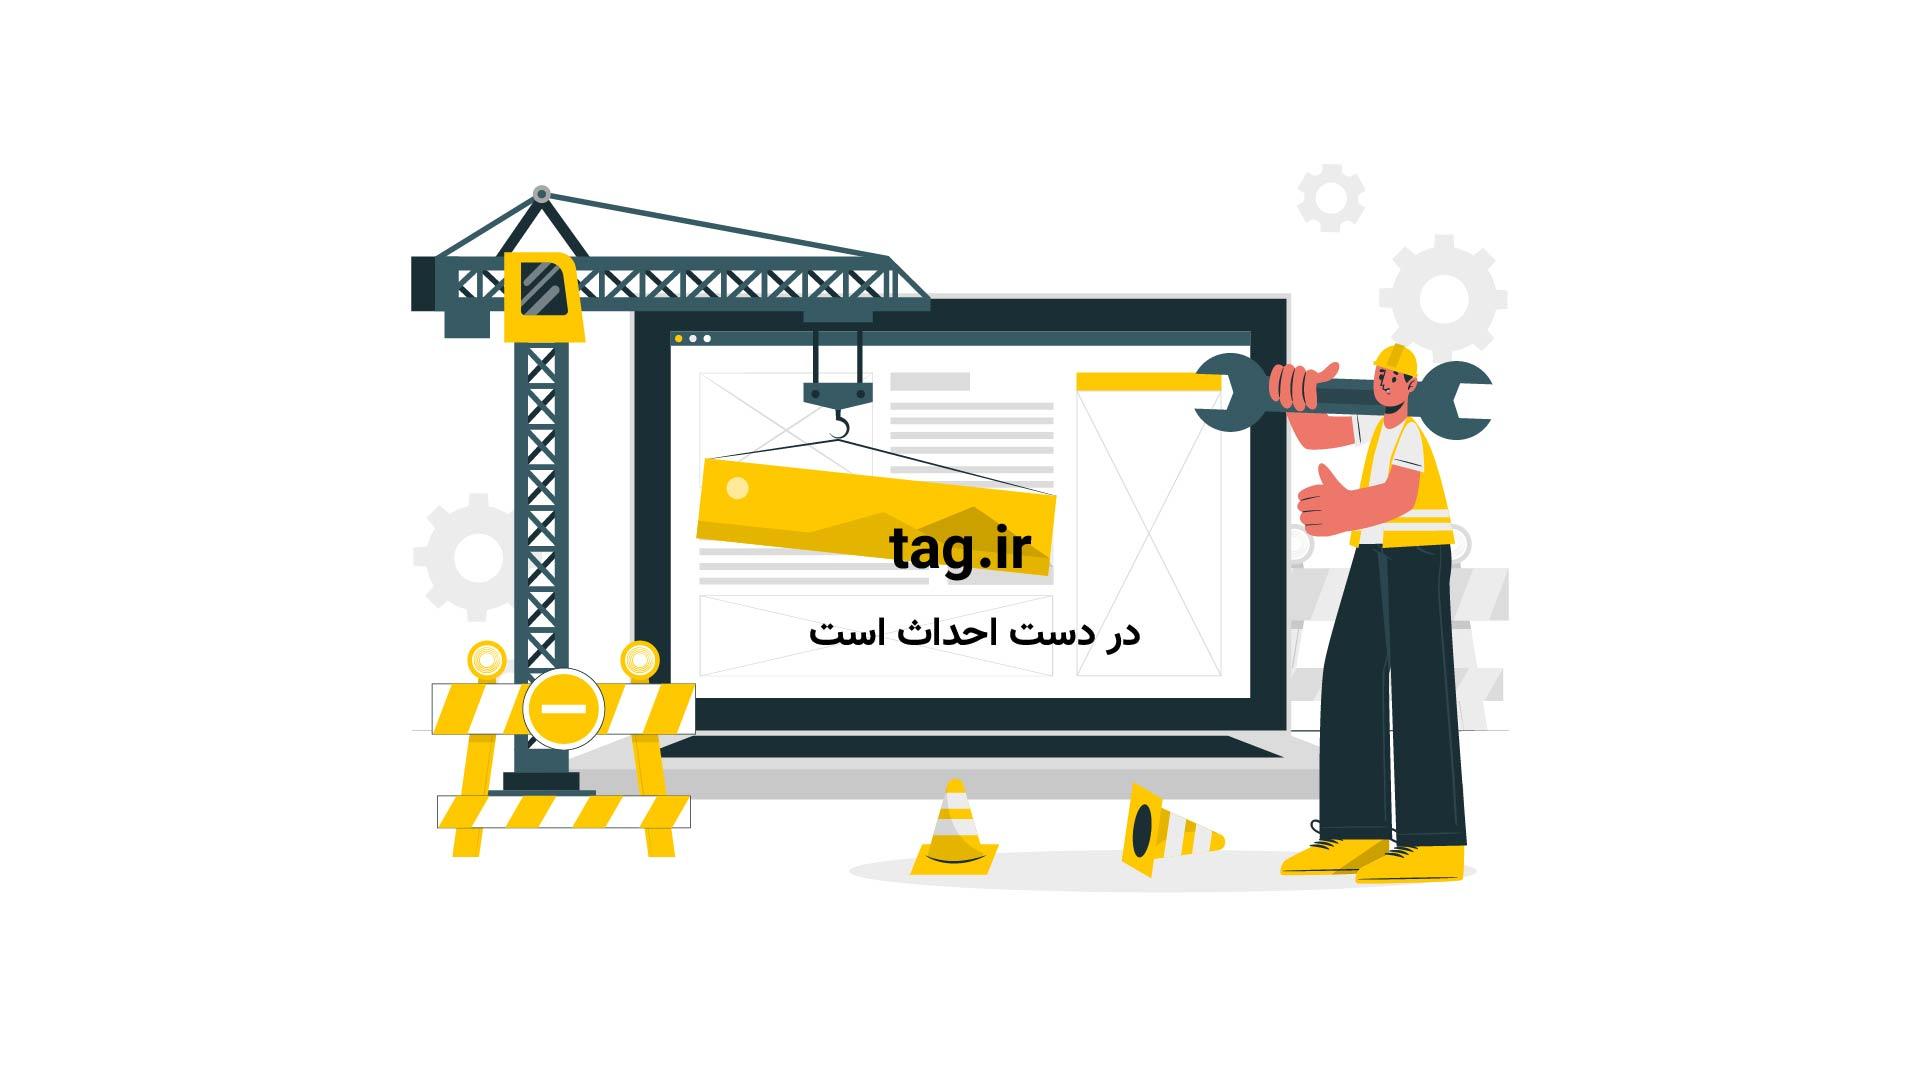 فیلم مبارزه شیر و تمساح